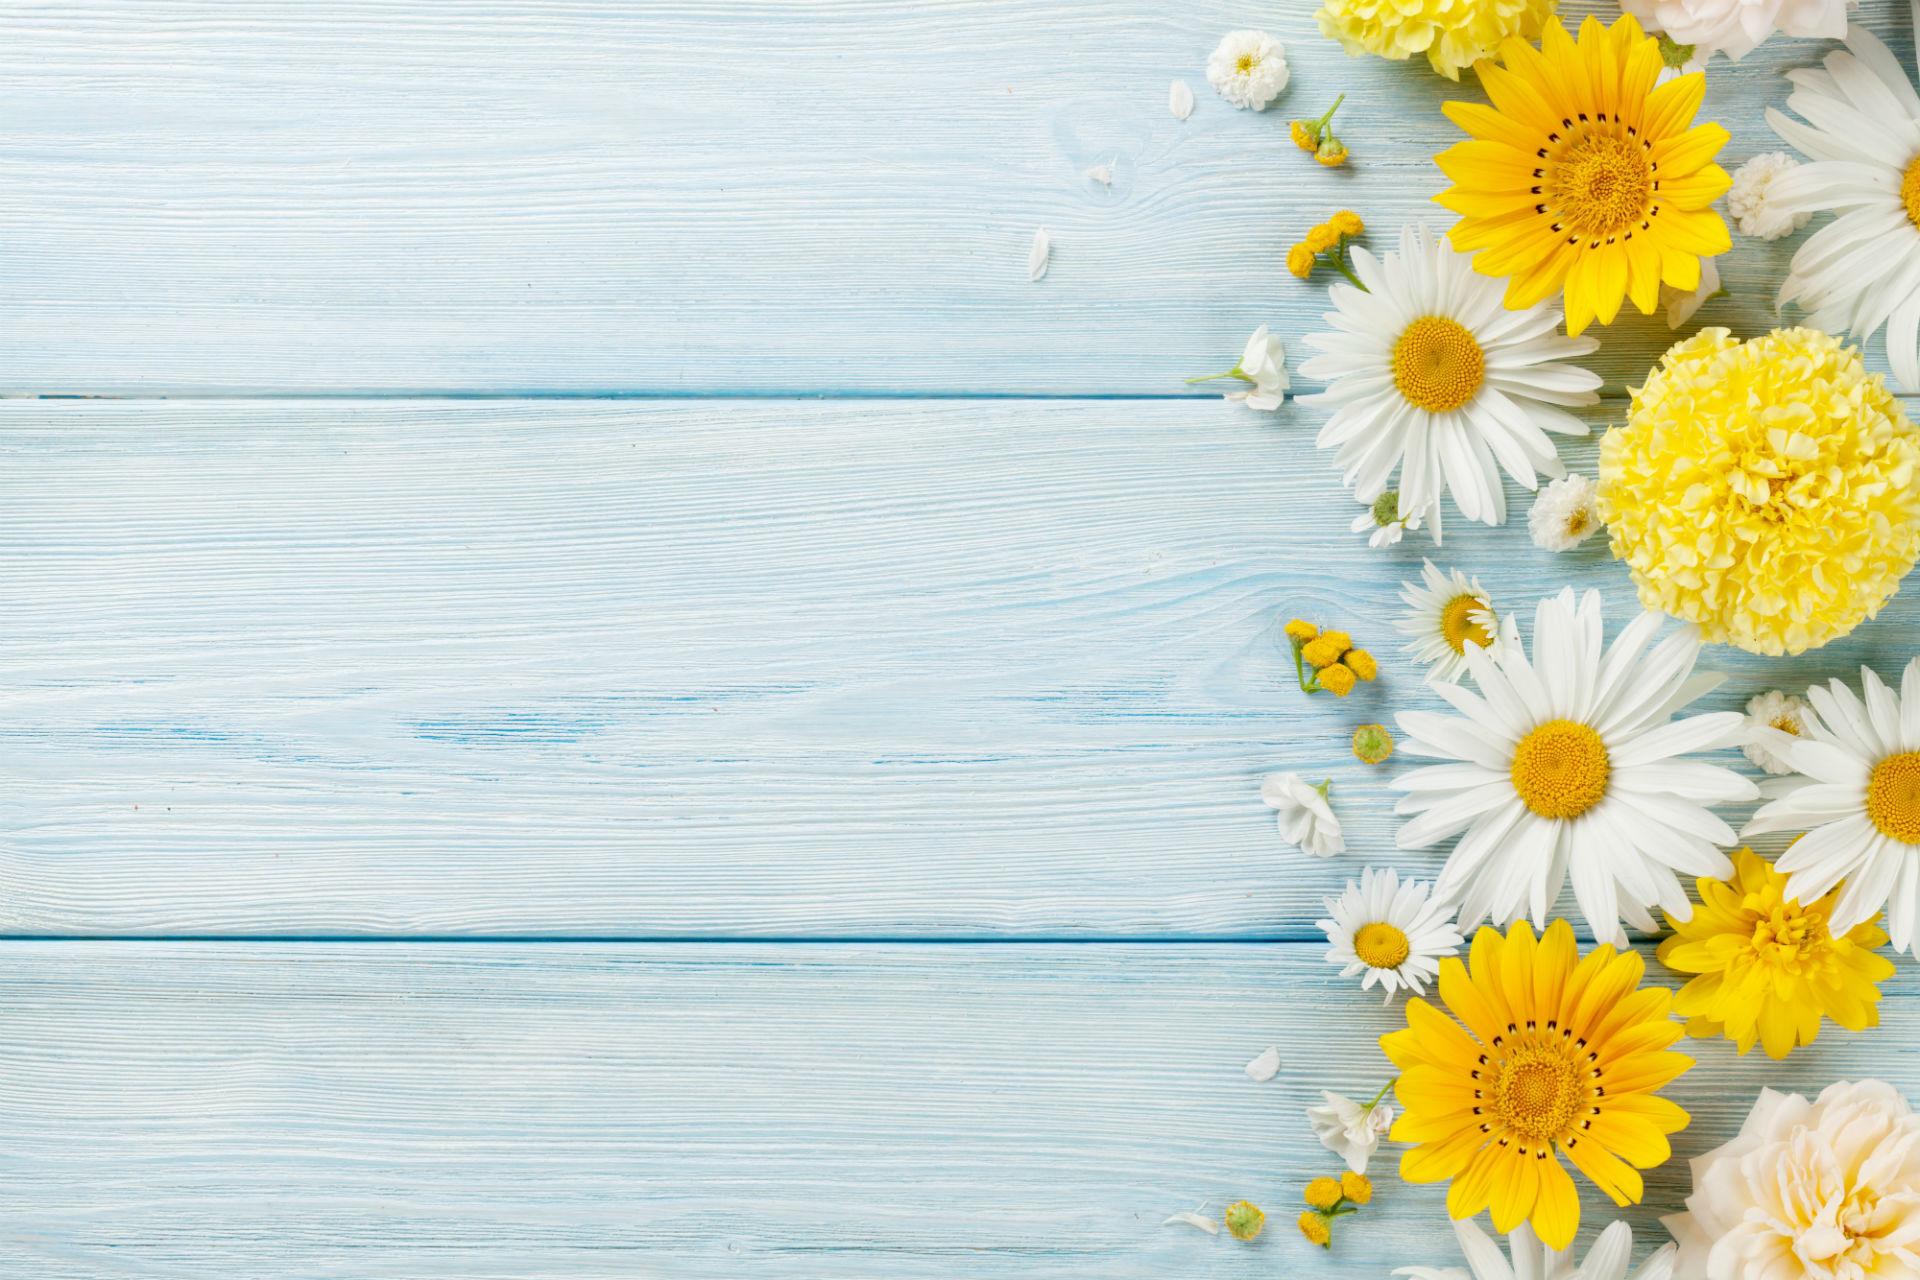 Background hoa lá đẹp cho powerpoint